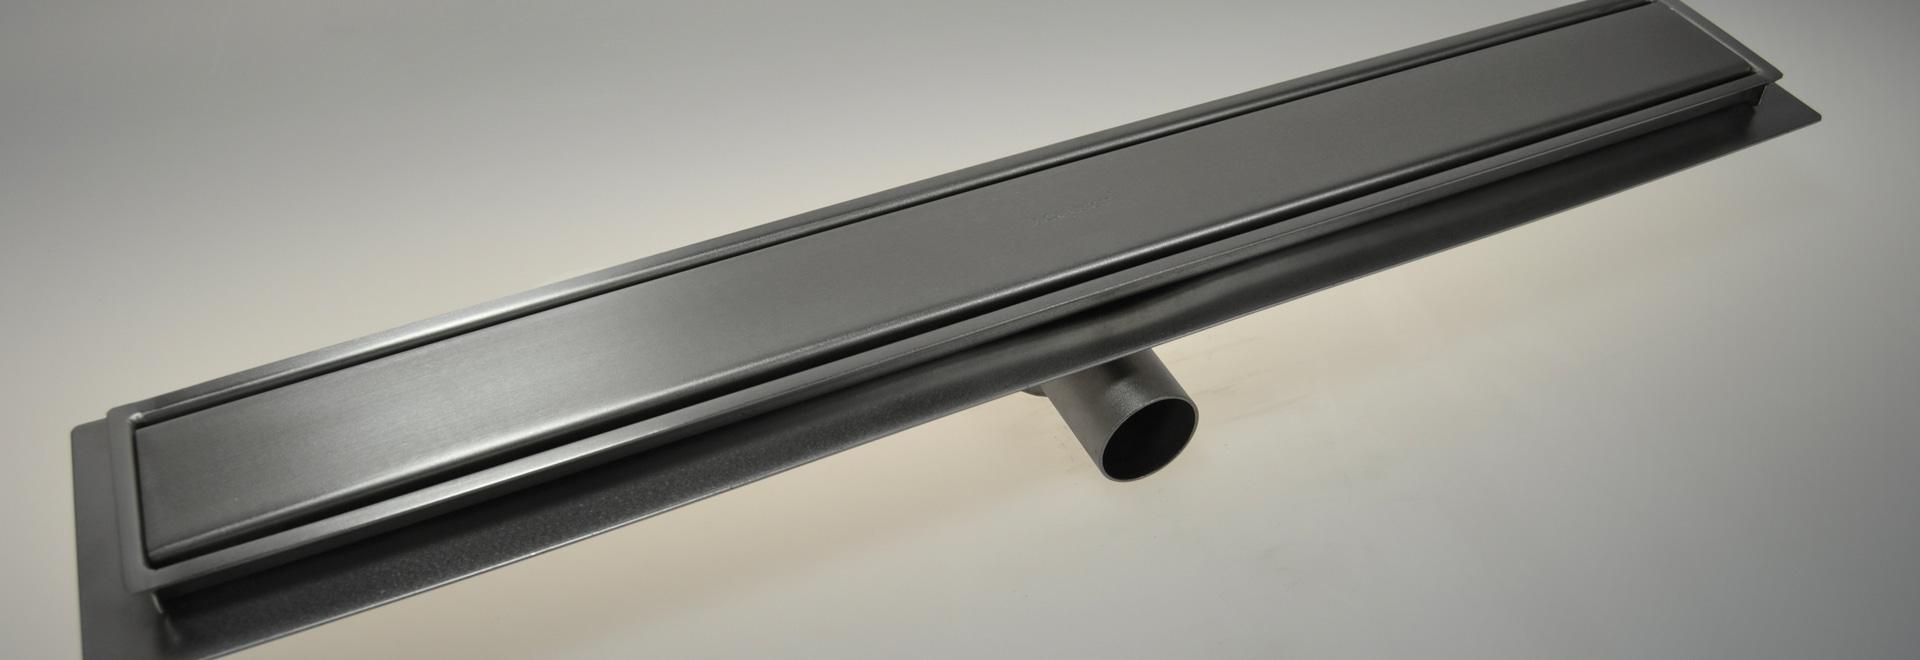 Línea 3070 - Inoxsystem® Canales drenaje Italia - sifón y filtro extraíbles – Porta Vaina